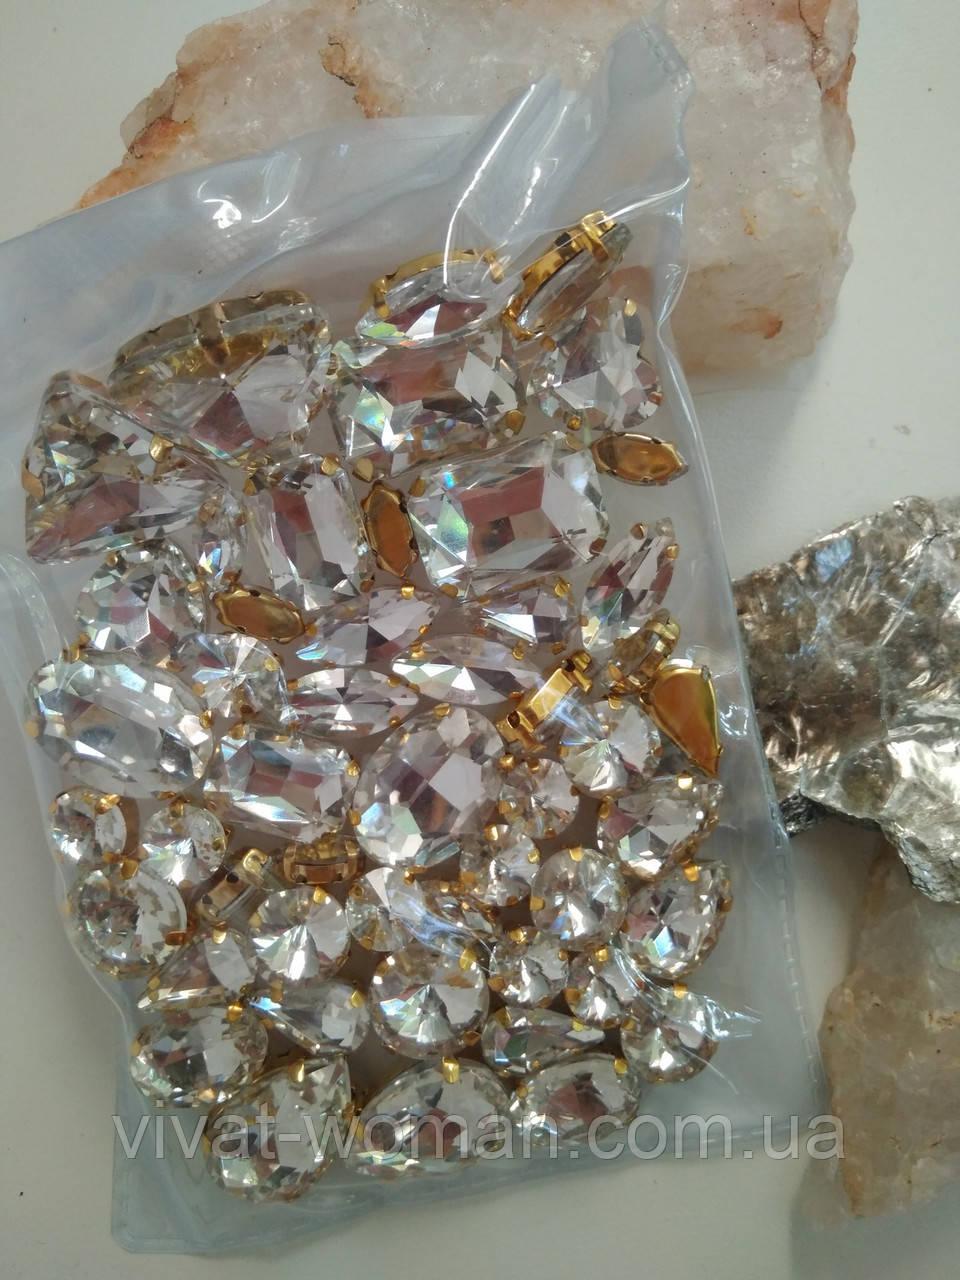 Пришивні стрази в цапах, Кришталь, скло, золота оправа. Мікс. Ціна за 50 шт